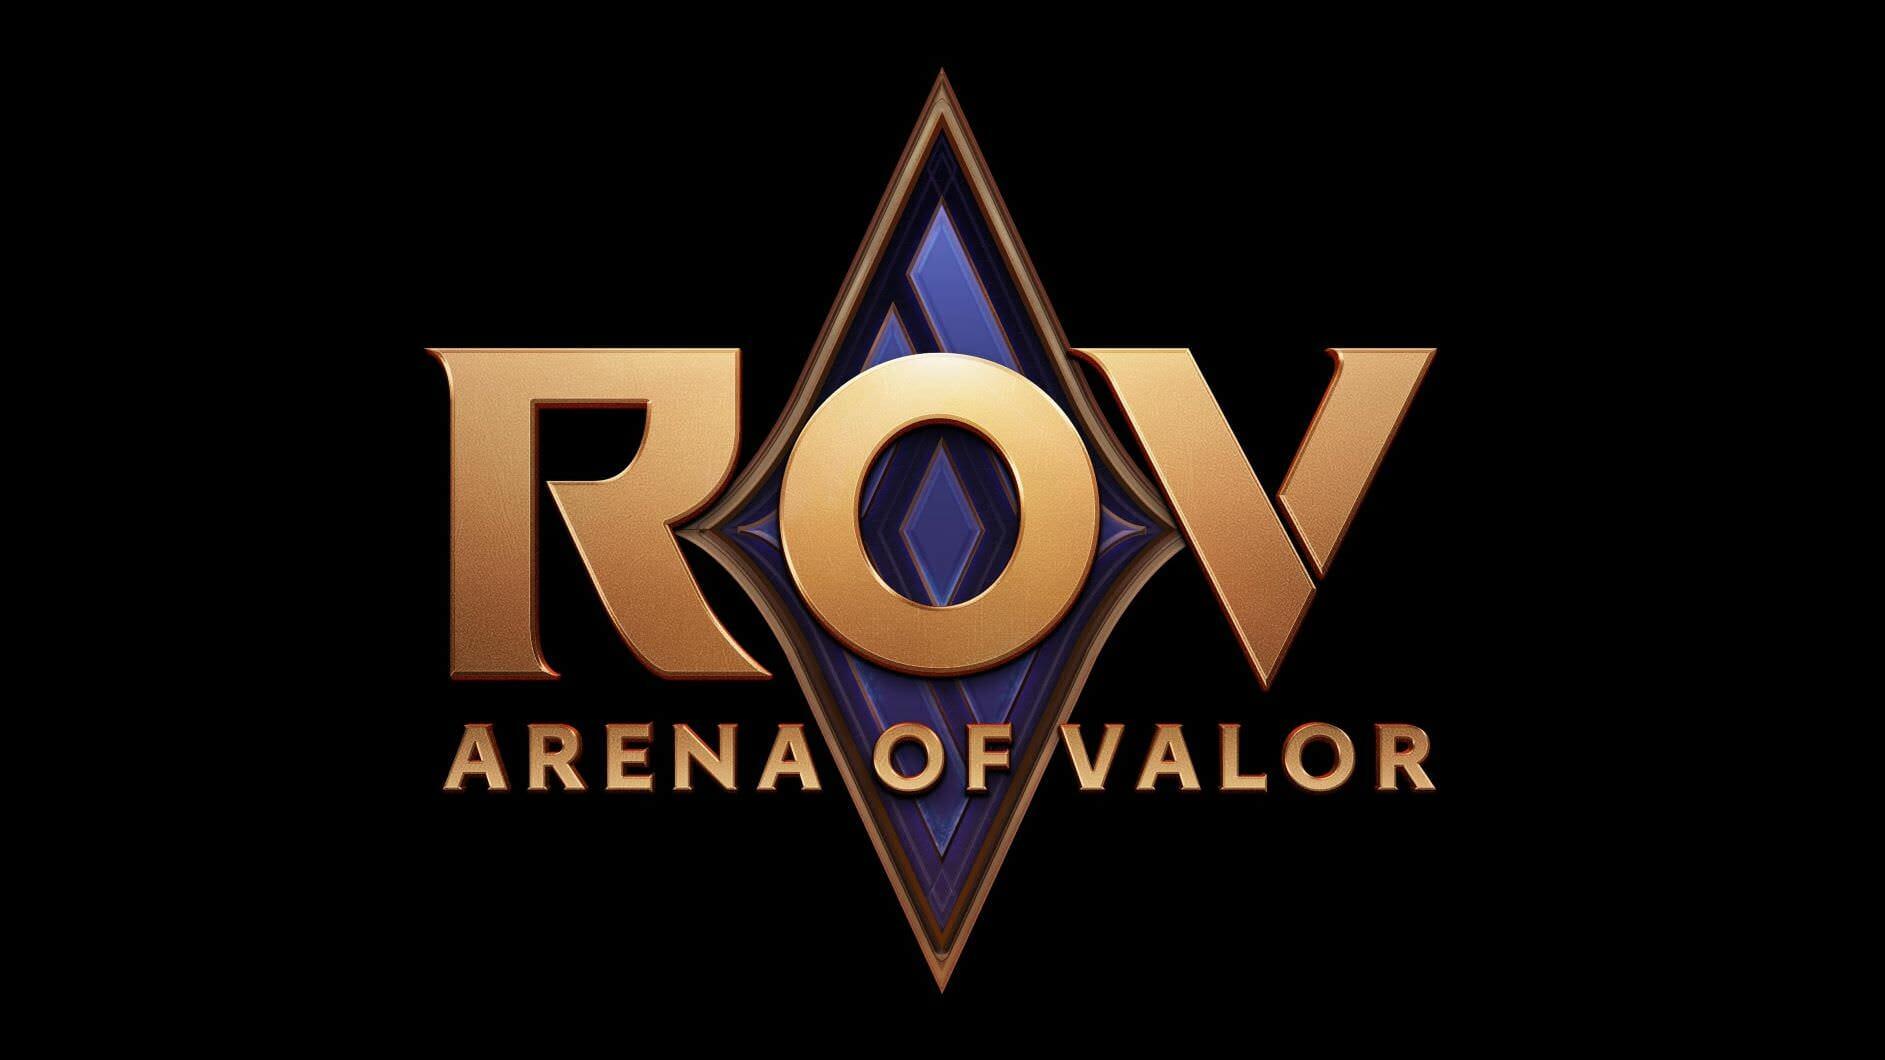 rov อัปเดตใหญ่ 16 ก.ค. พร้อมระบบการเล่นเพิ่มเติม - RoV อัปเดตใหญ่ 16 ก.ค. พร้อมระบบการเล่นเพิ่มเติม